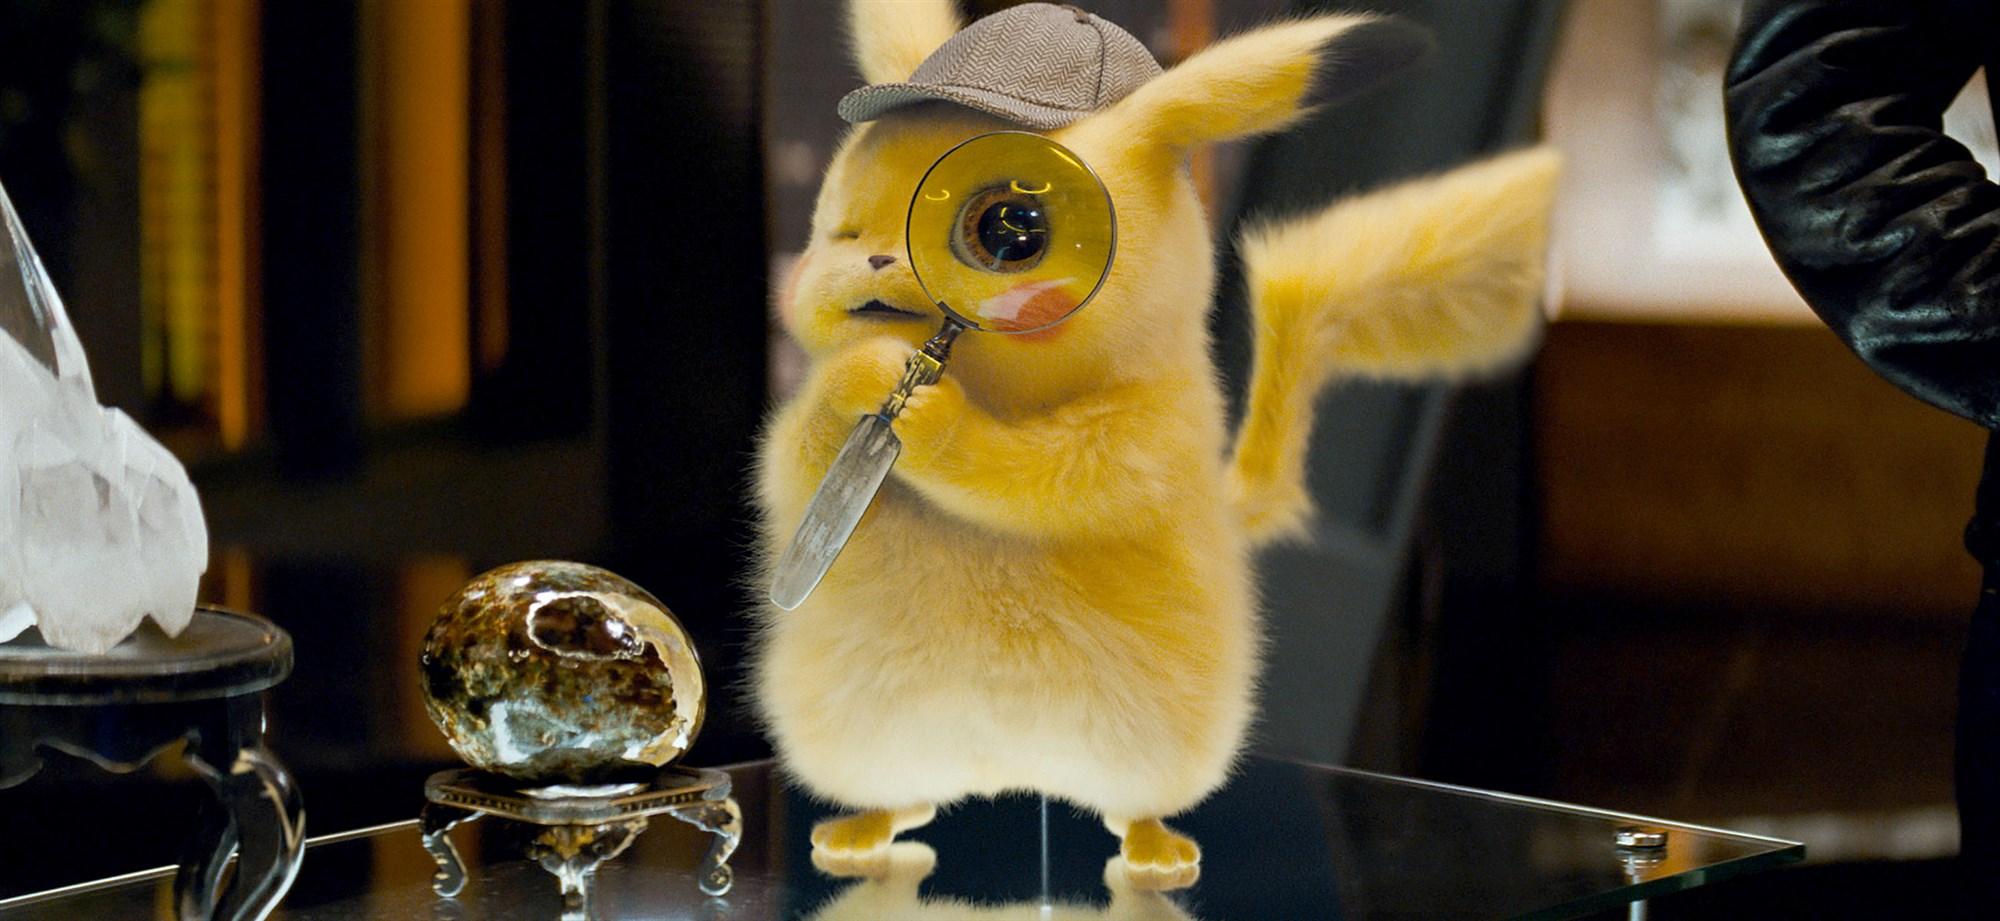 190510-detective-pikachu-4-ew-655p_0d18774539f72fbe95ebba14da44addb-fit-2000w